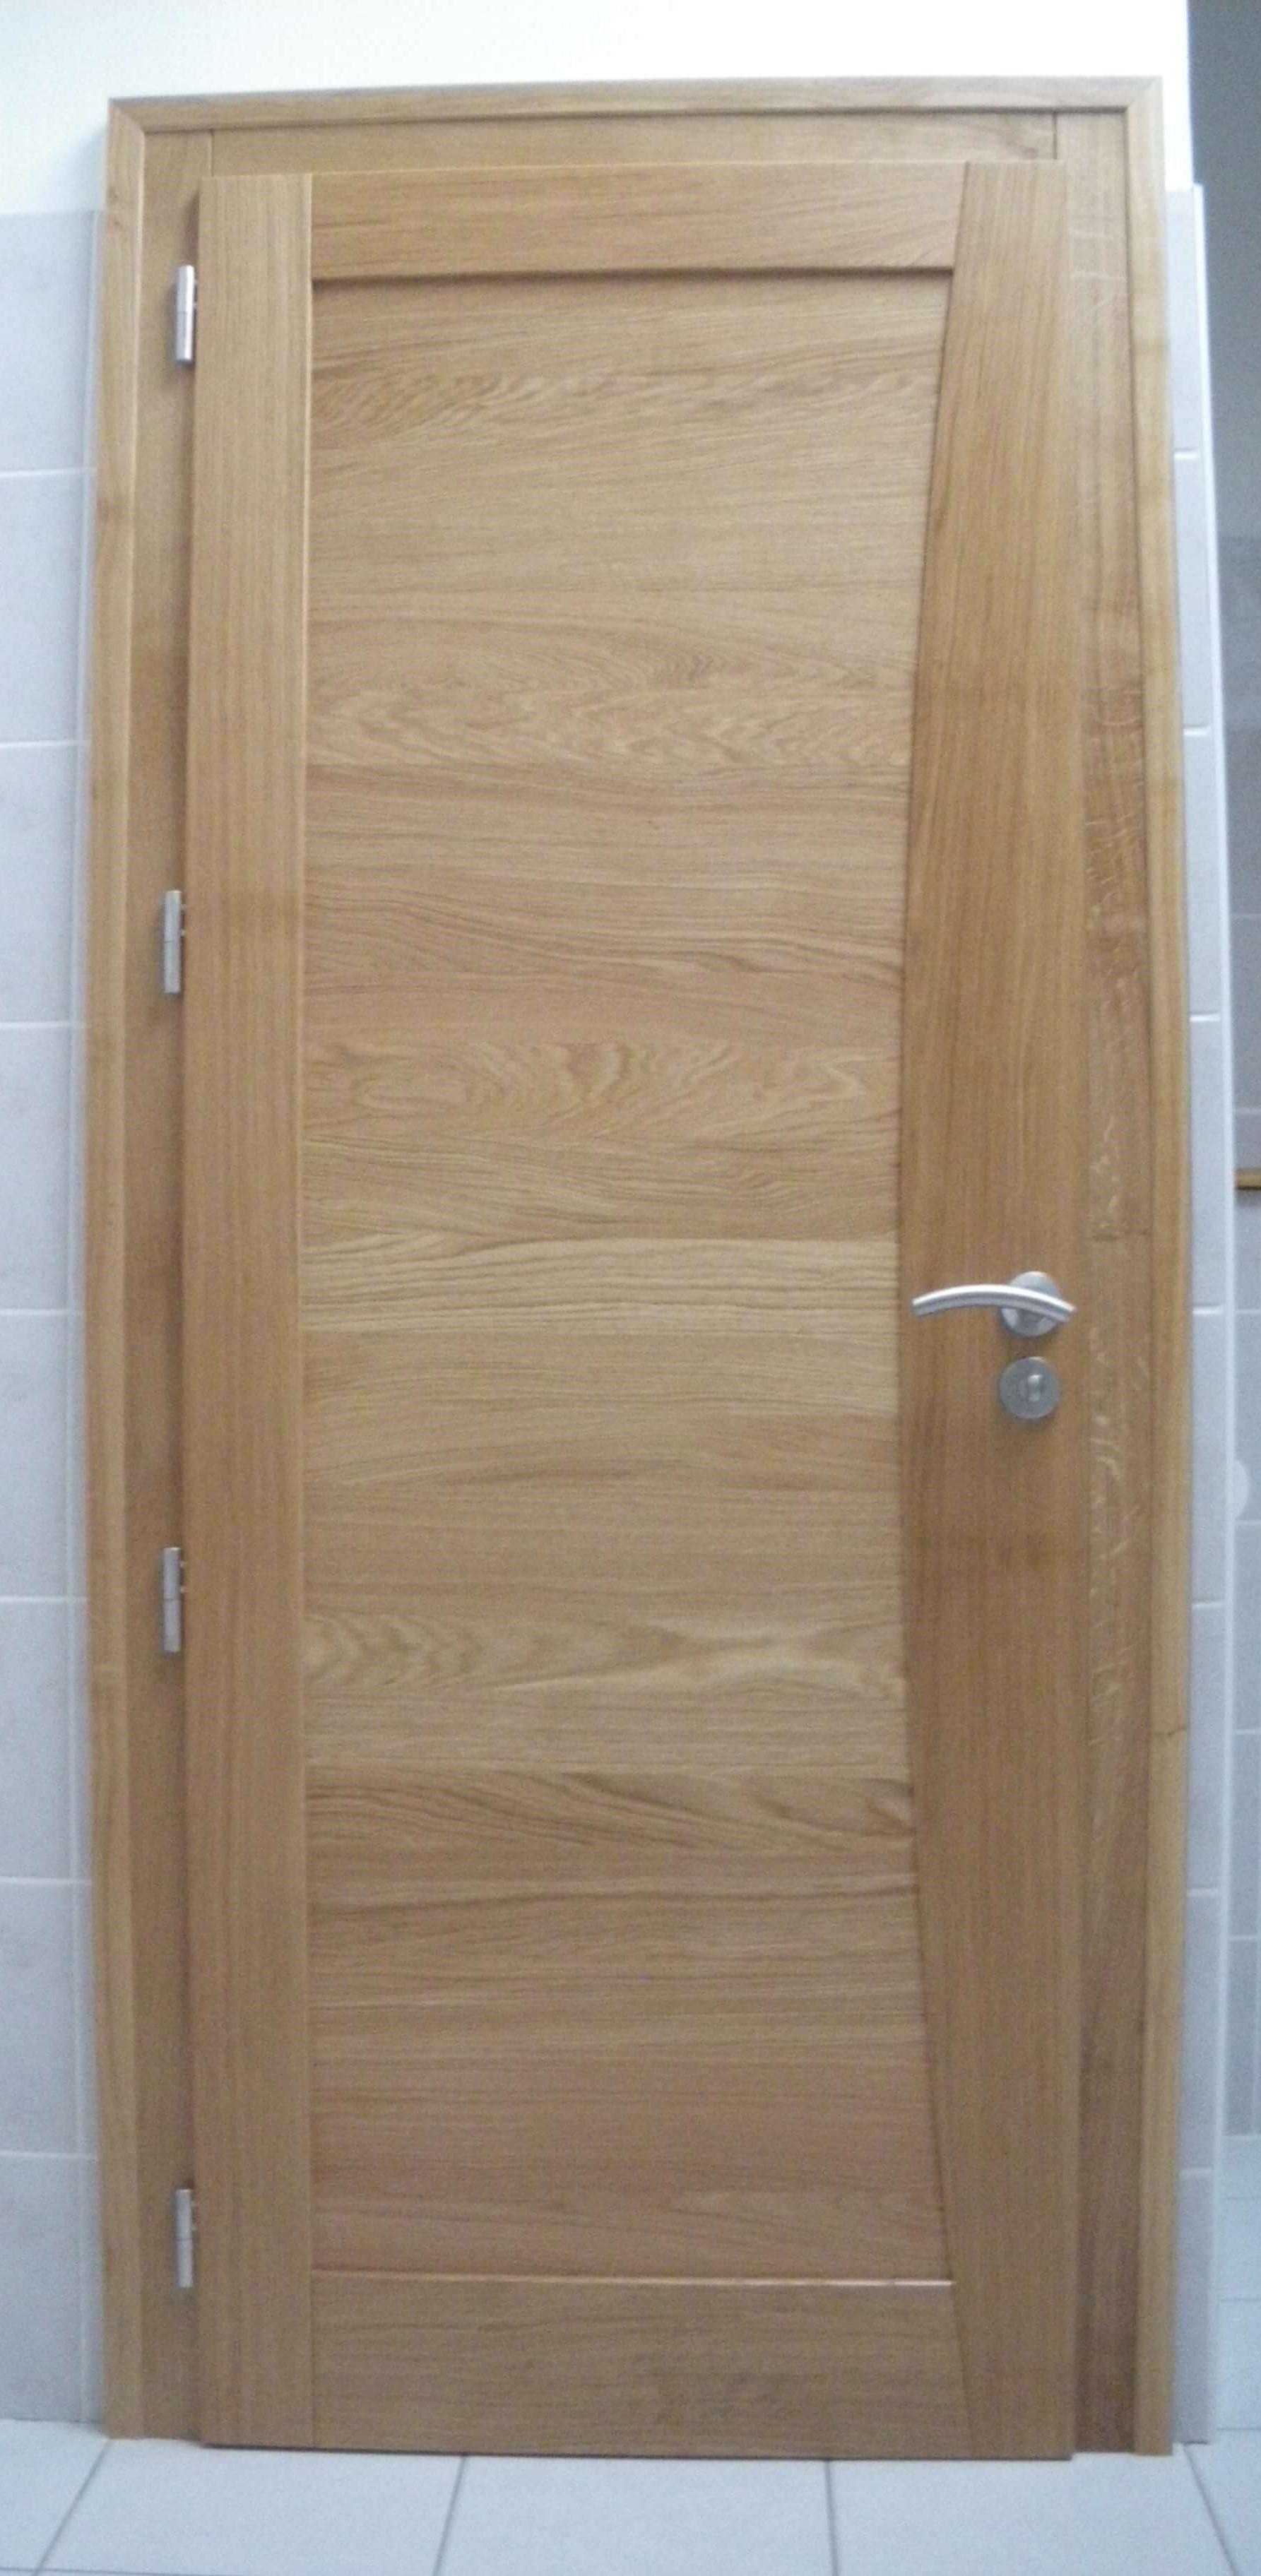 Menuiserie Figard - Fabrication sur mesure - Porte d'intérieur - Chêne - Vesoul